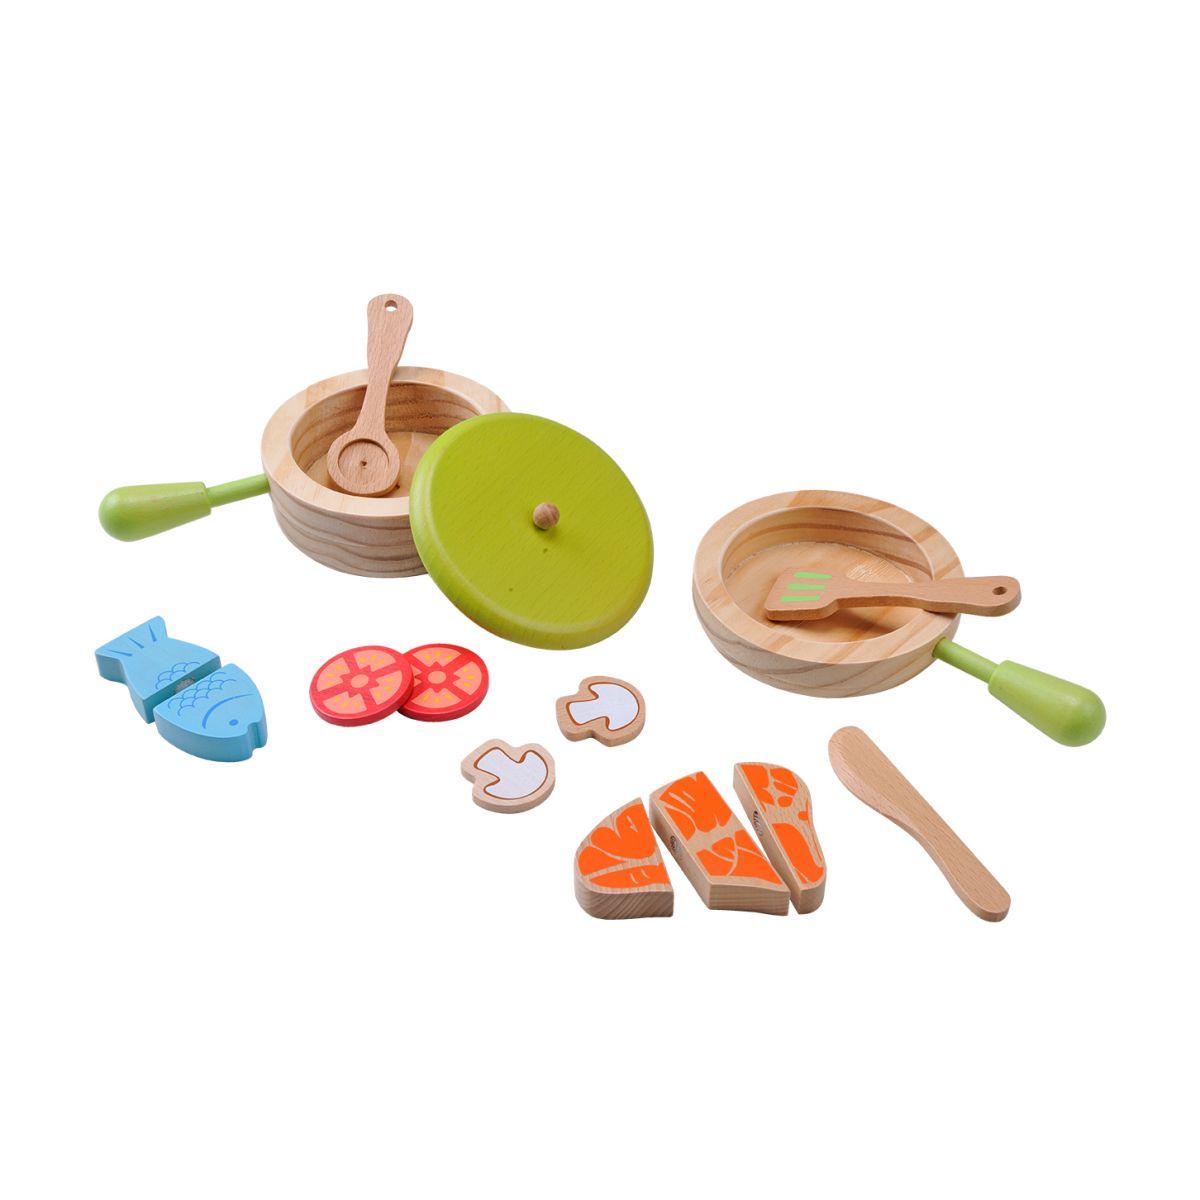 Kit de casseroles et de poêles pour cuisiner - Everearth